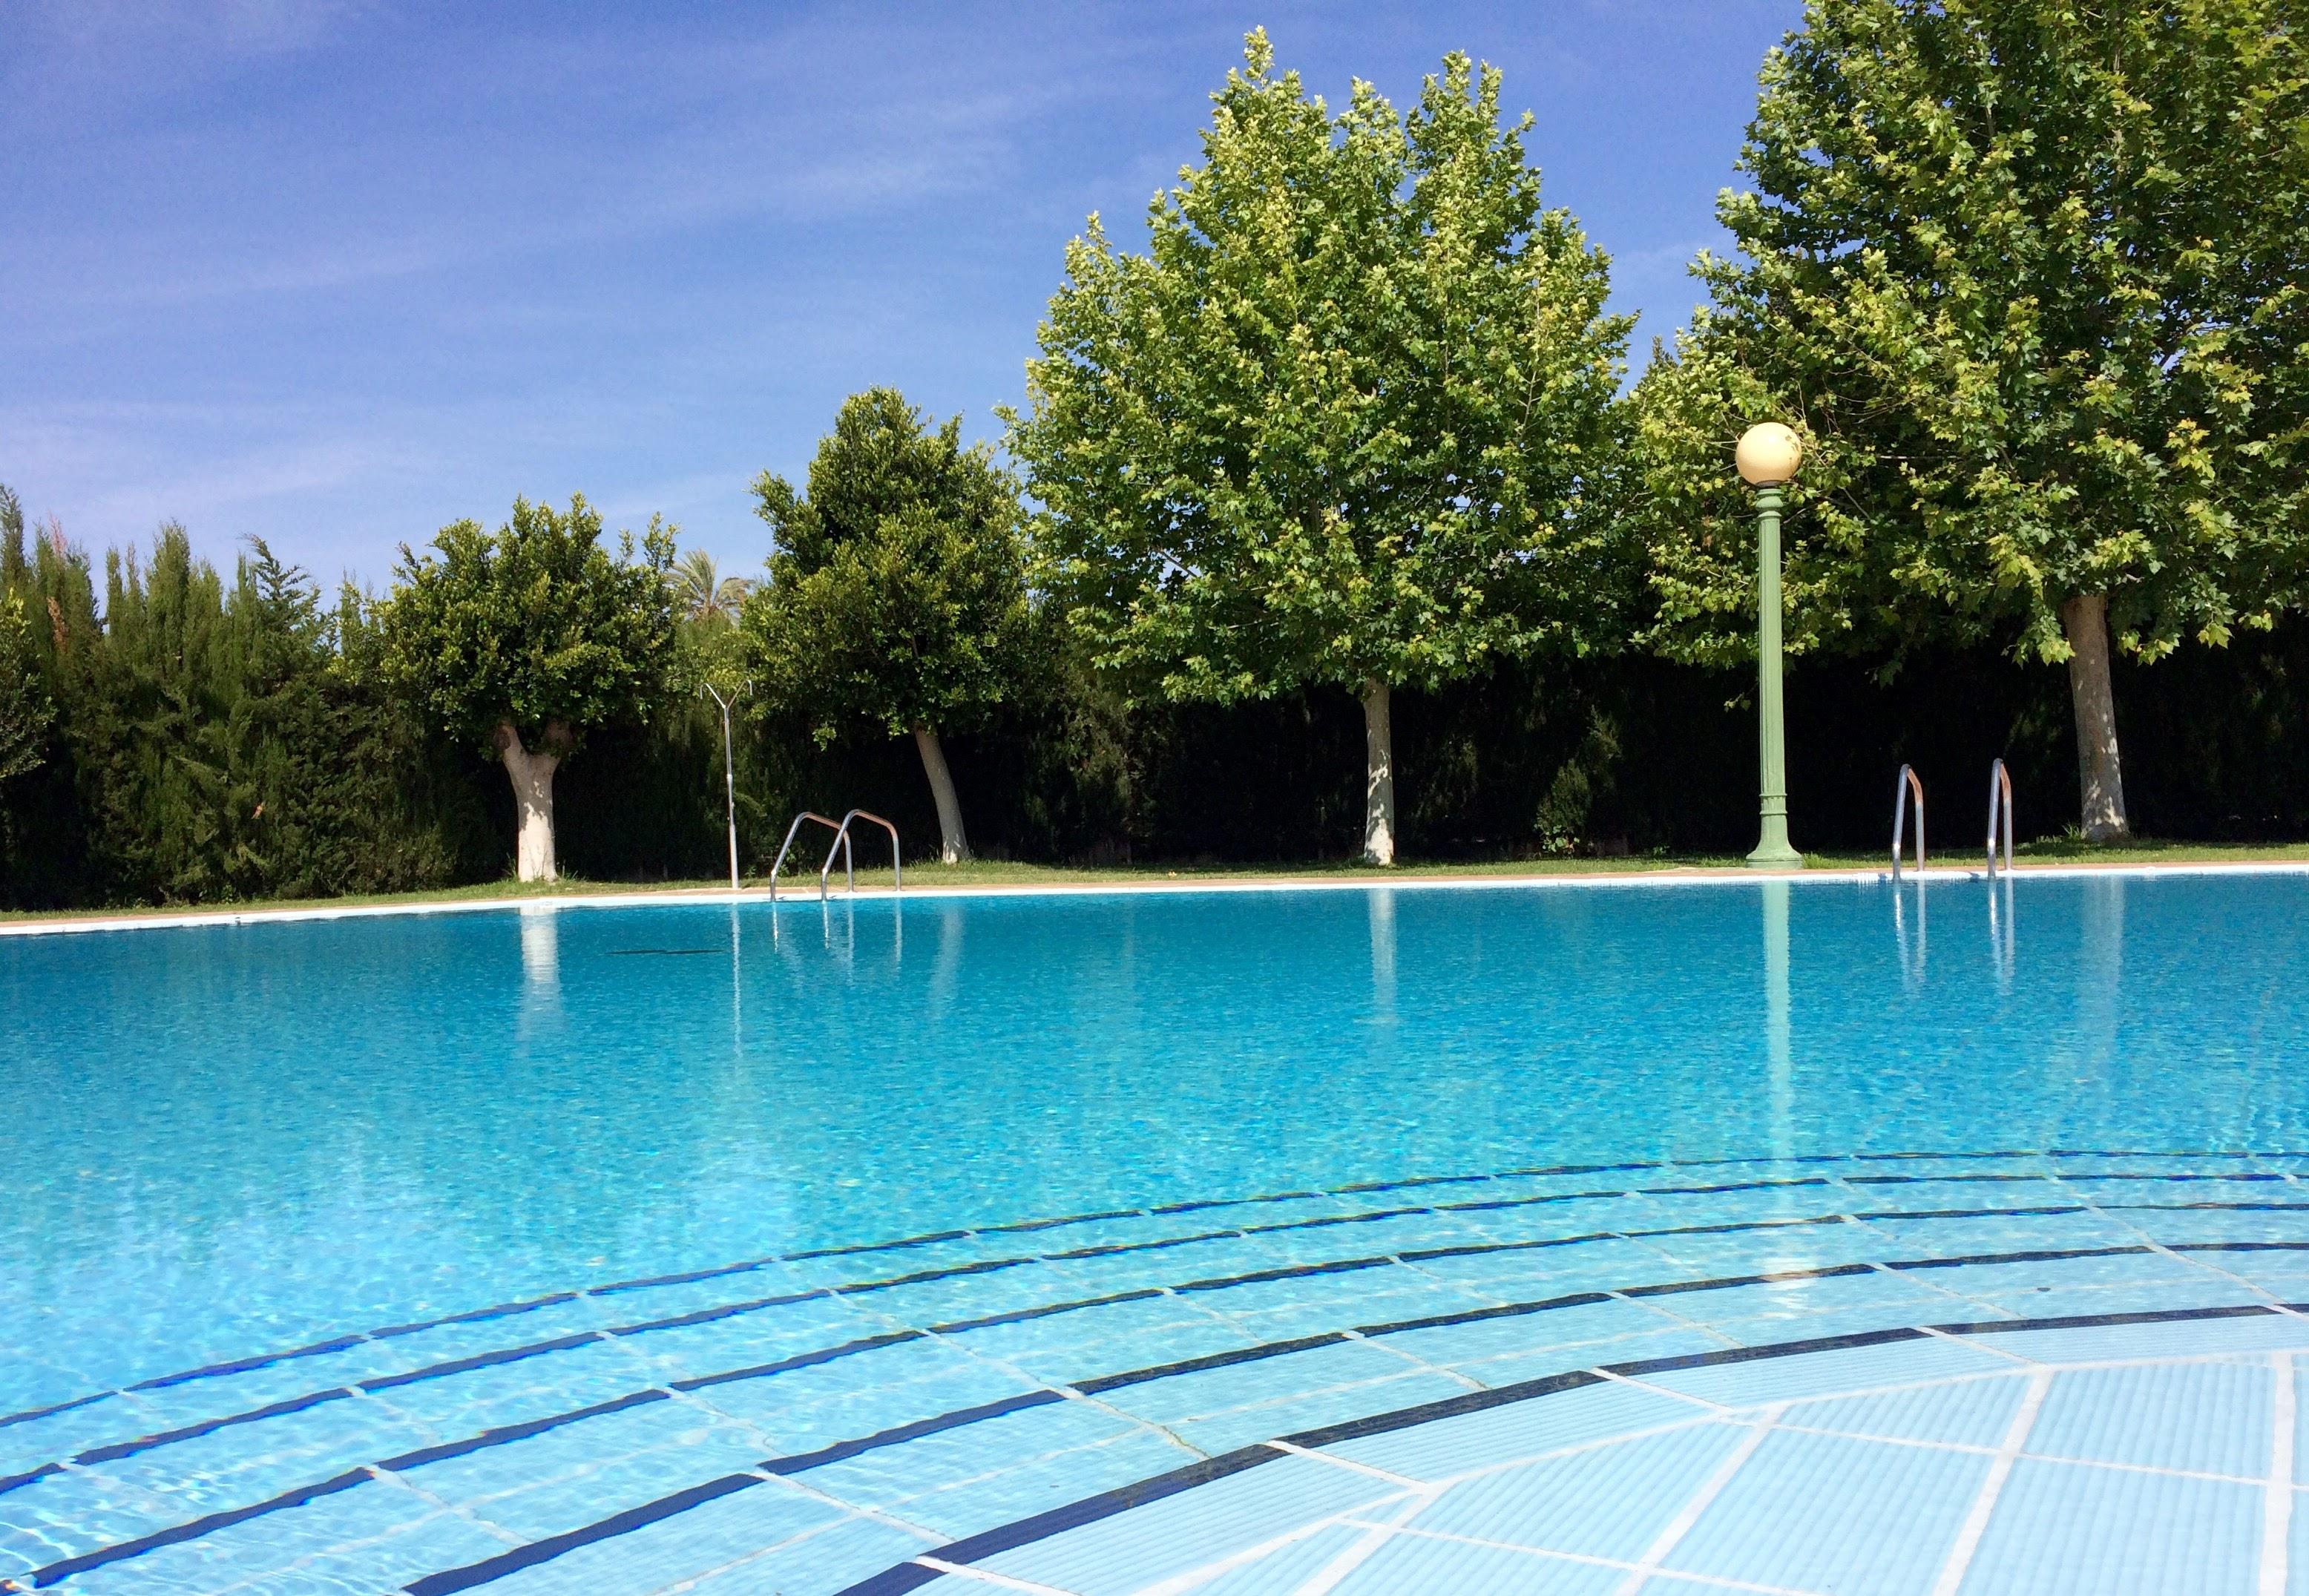 Normas de utilizaci n de las piscinas municipales for Piscinas municipales zaragoza 2017